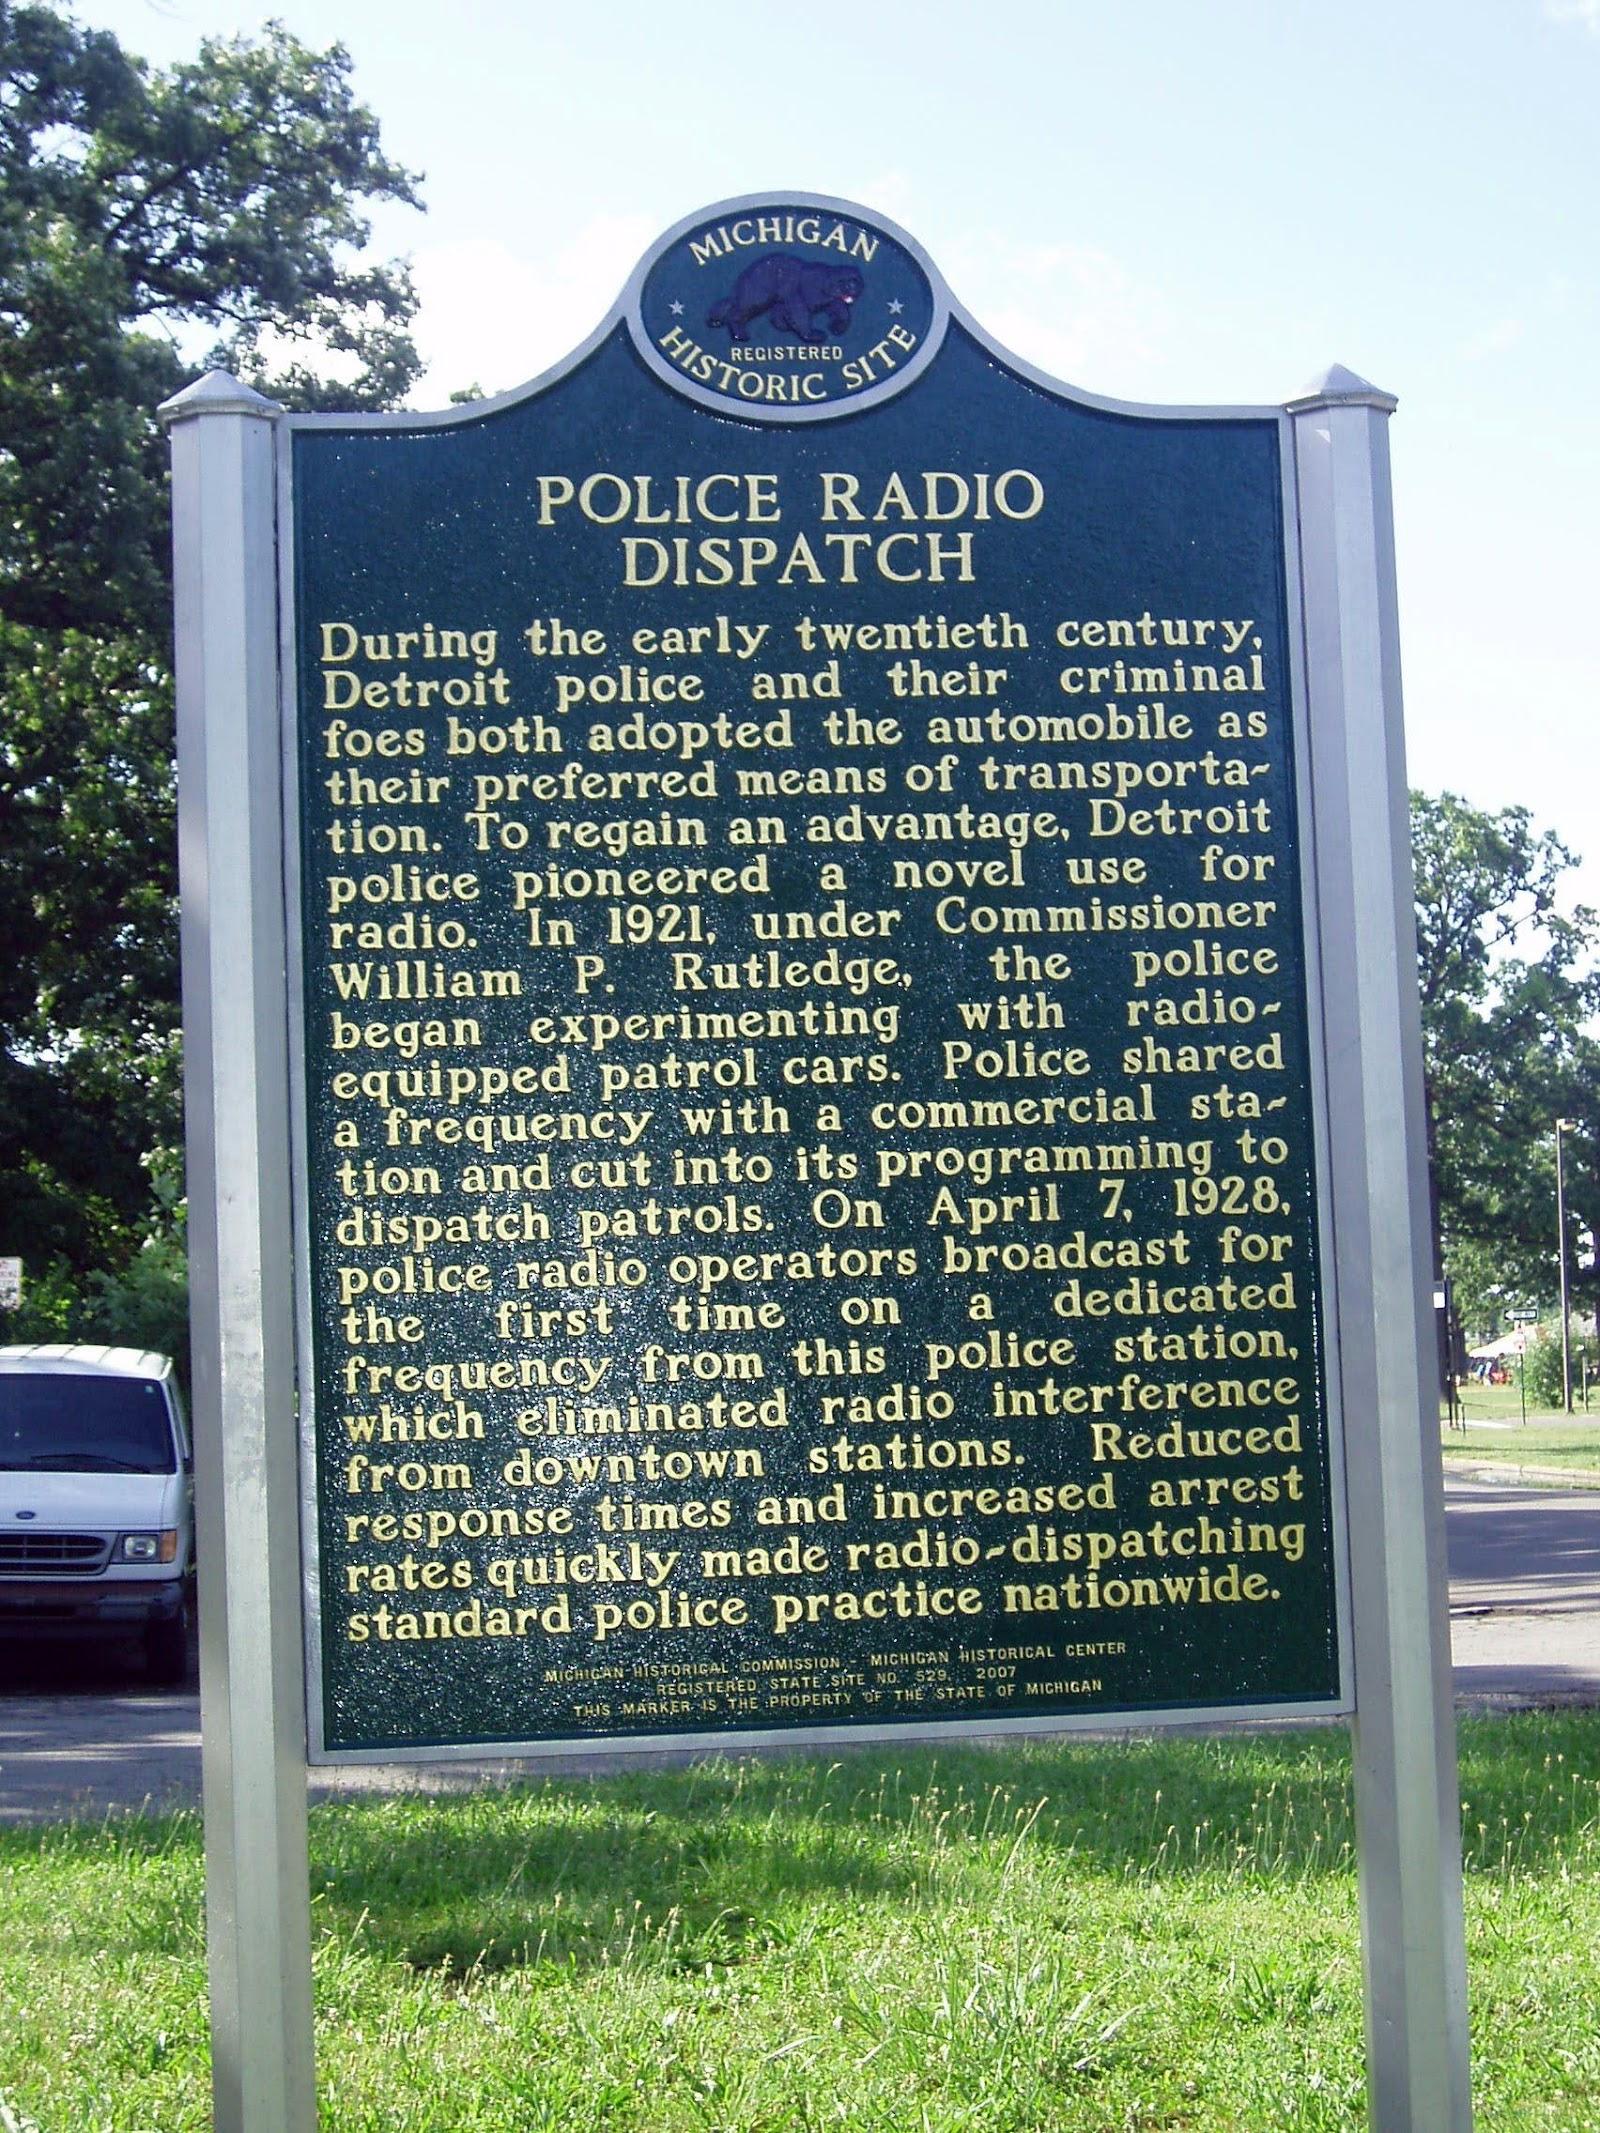 personas indefensas de Michigan Detroit